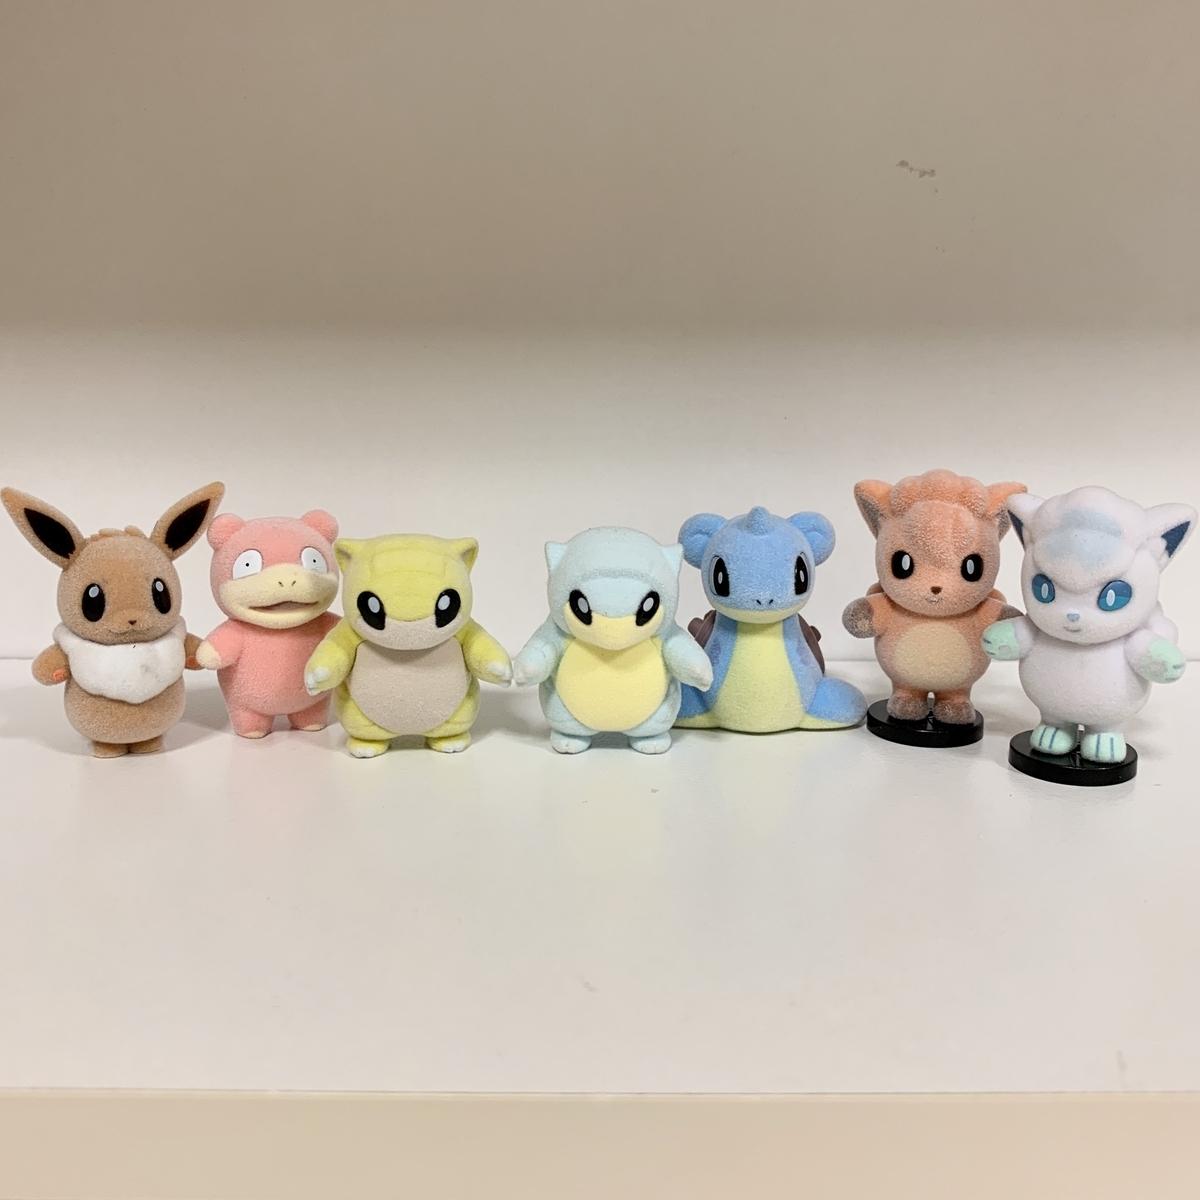 f:id:pikachu_pcn:20200905200326j:plain